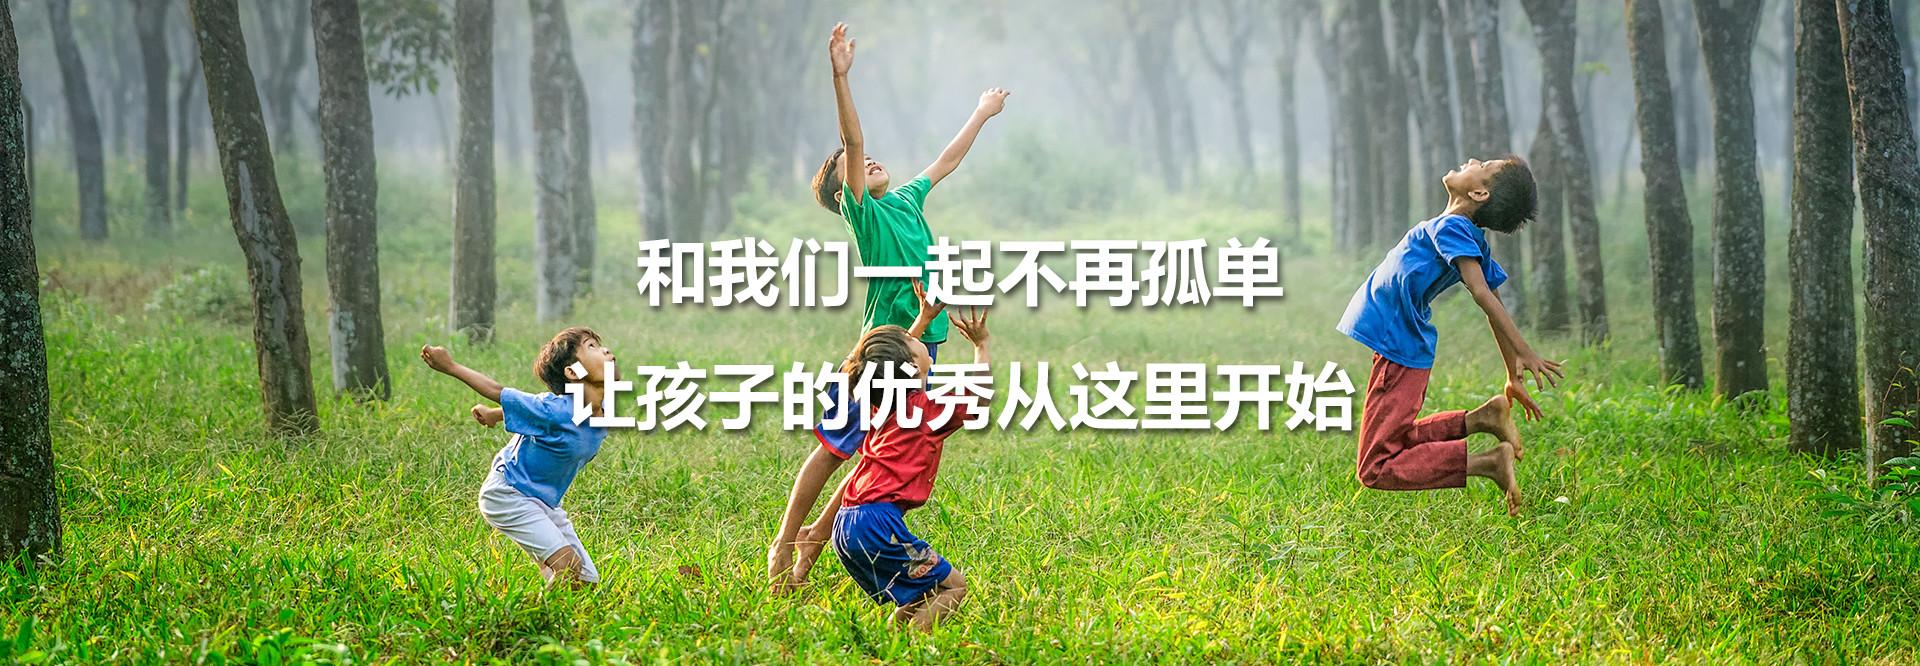 温岭自闭症康复中心